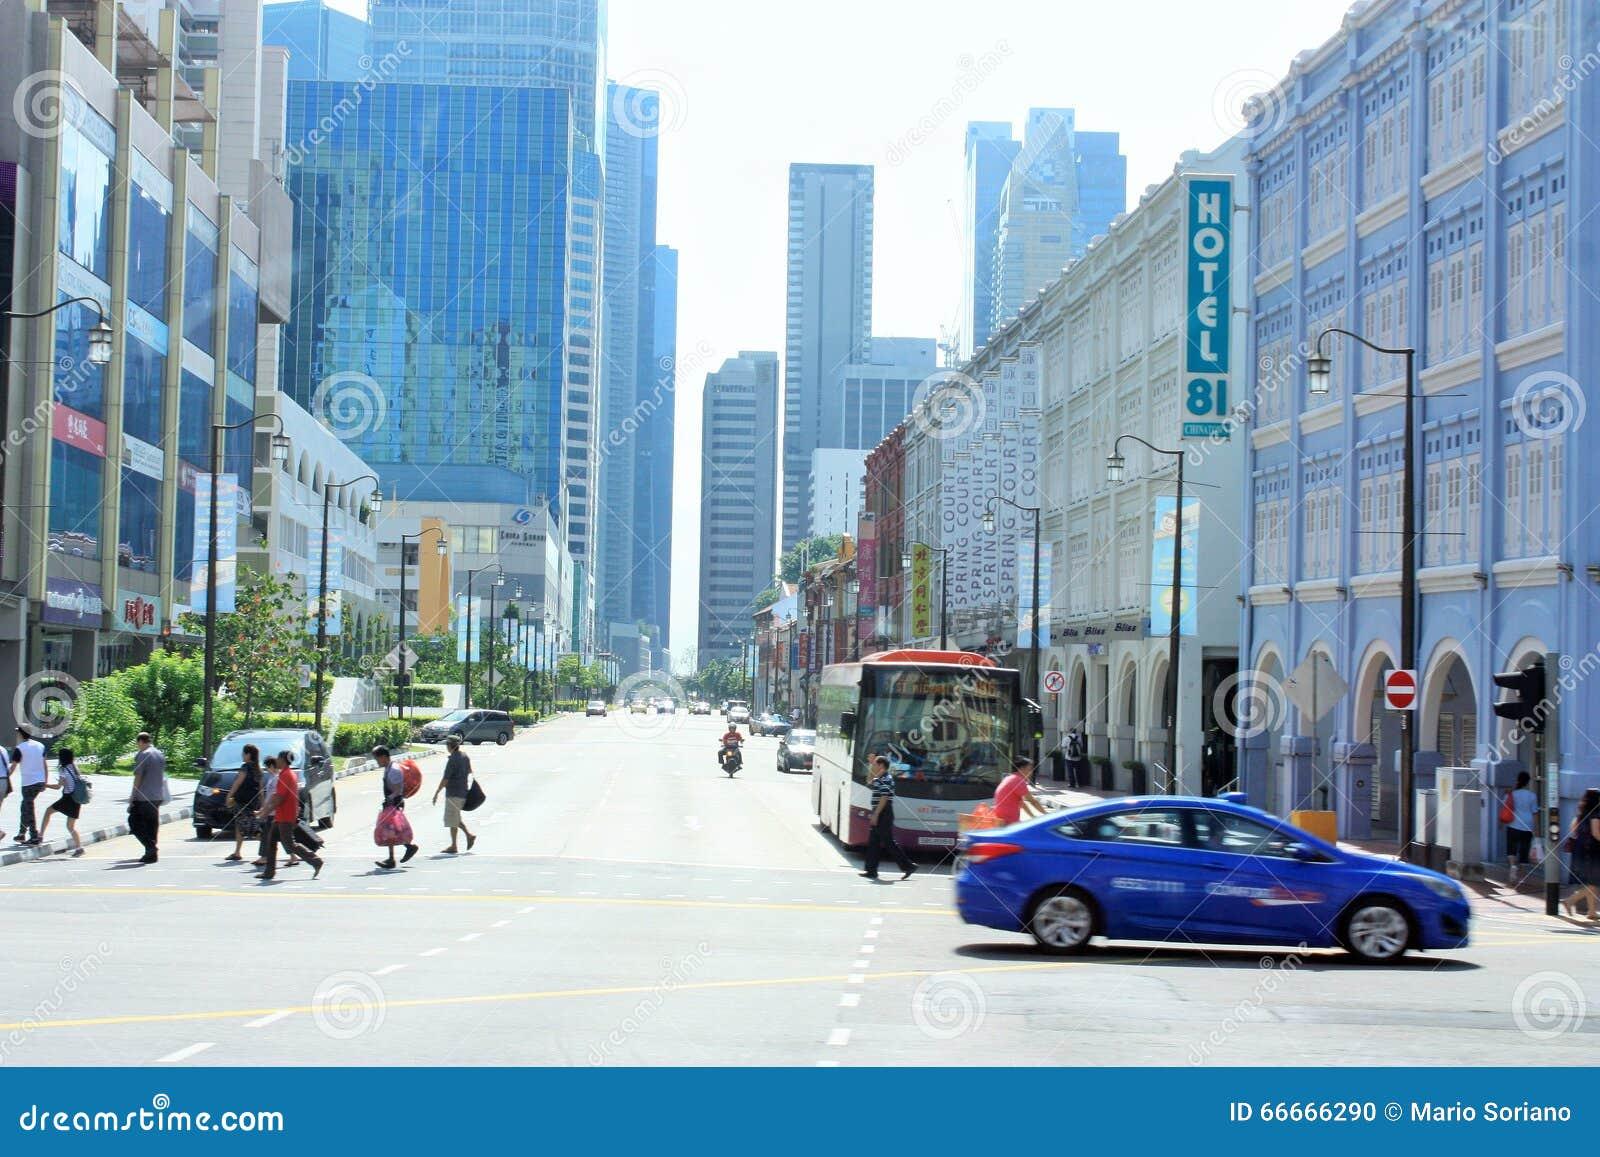 Le district des affaires et le Chinatown centraux de Singapour